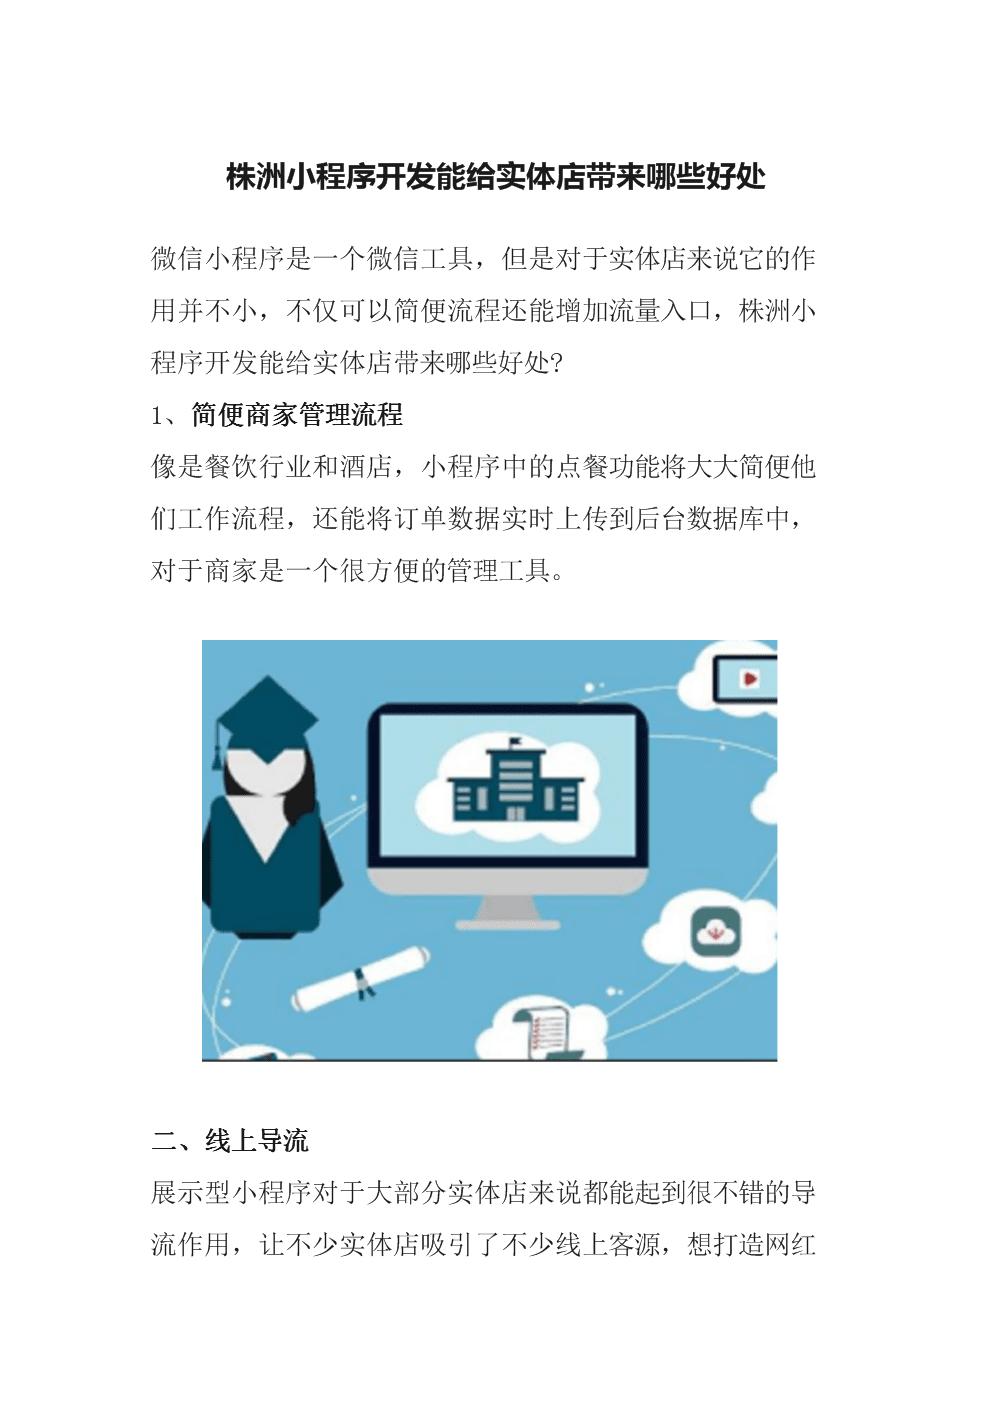 株洲小程序开发能给实体店带来什么好处.doc